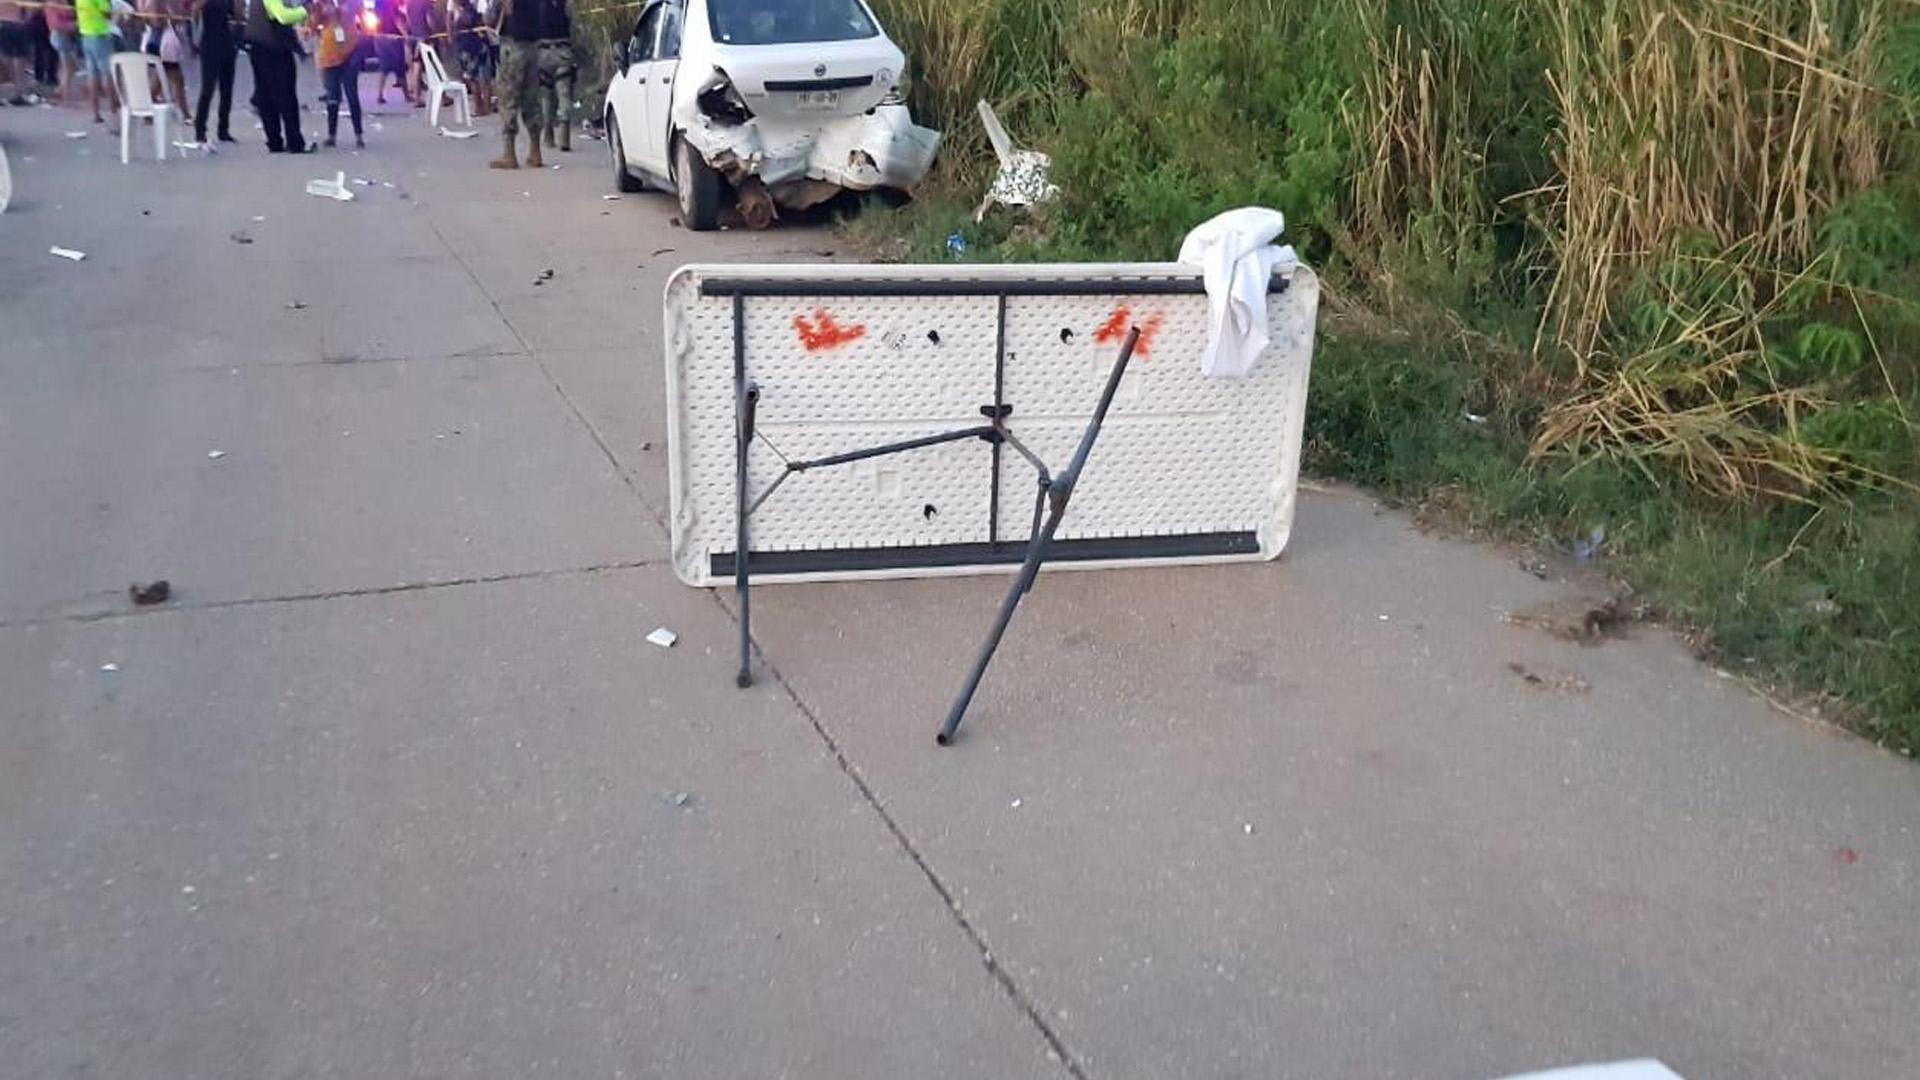 El lunes un sujeto conducía a exceso de velocidad y arrolló a varias personas en Coatzacoalcos, Veracruz. Foto @AlorNoticias